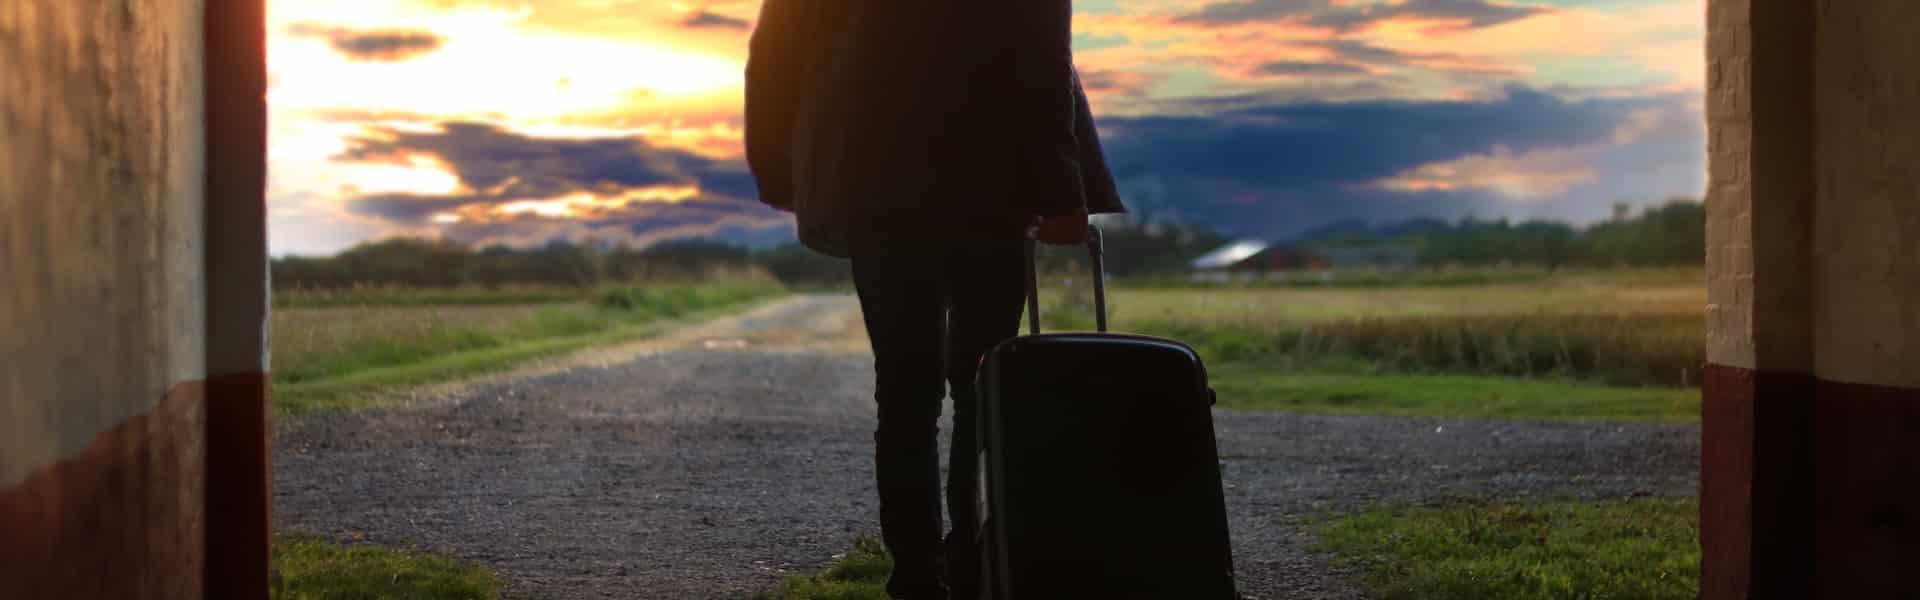 Homme qui quitte le domicile conjugal